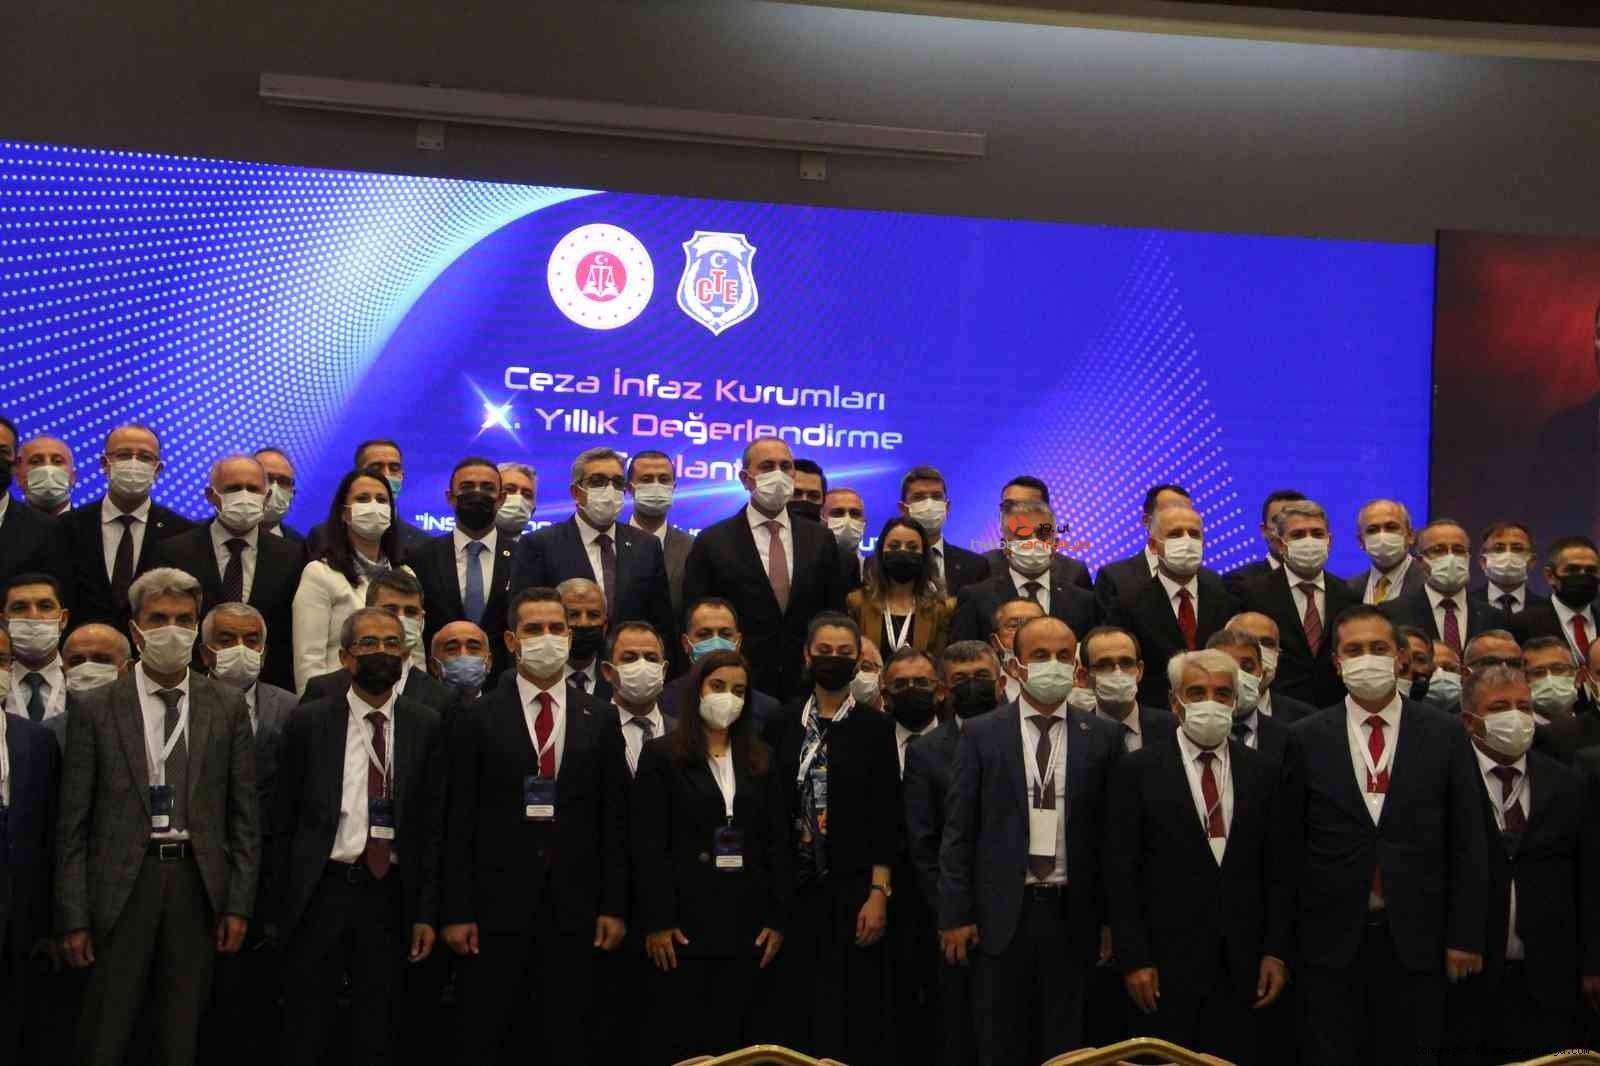 2021/10/bakan-abdulhamit-gul-devletin-temeli-adalettir-20211011AW43-8.jpg